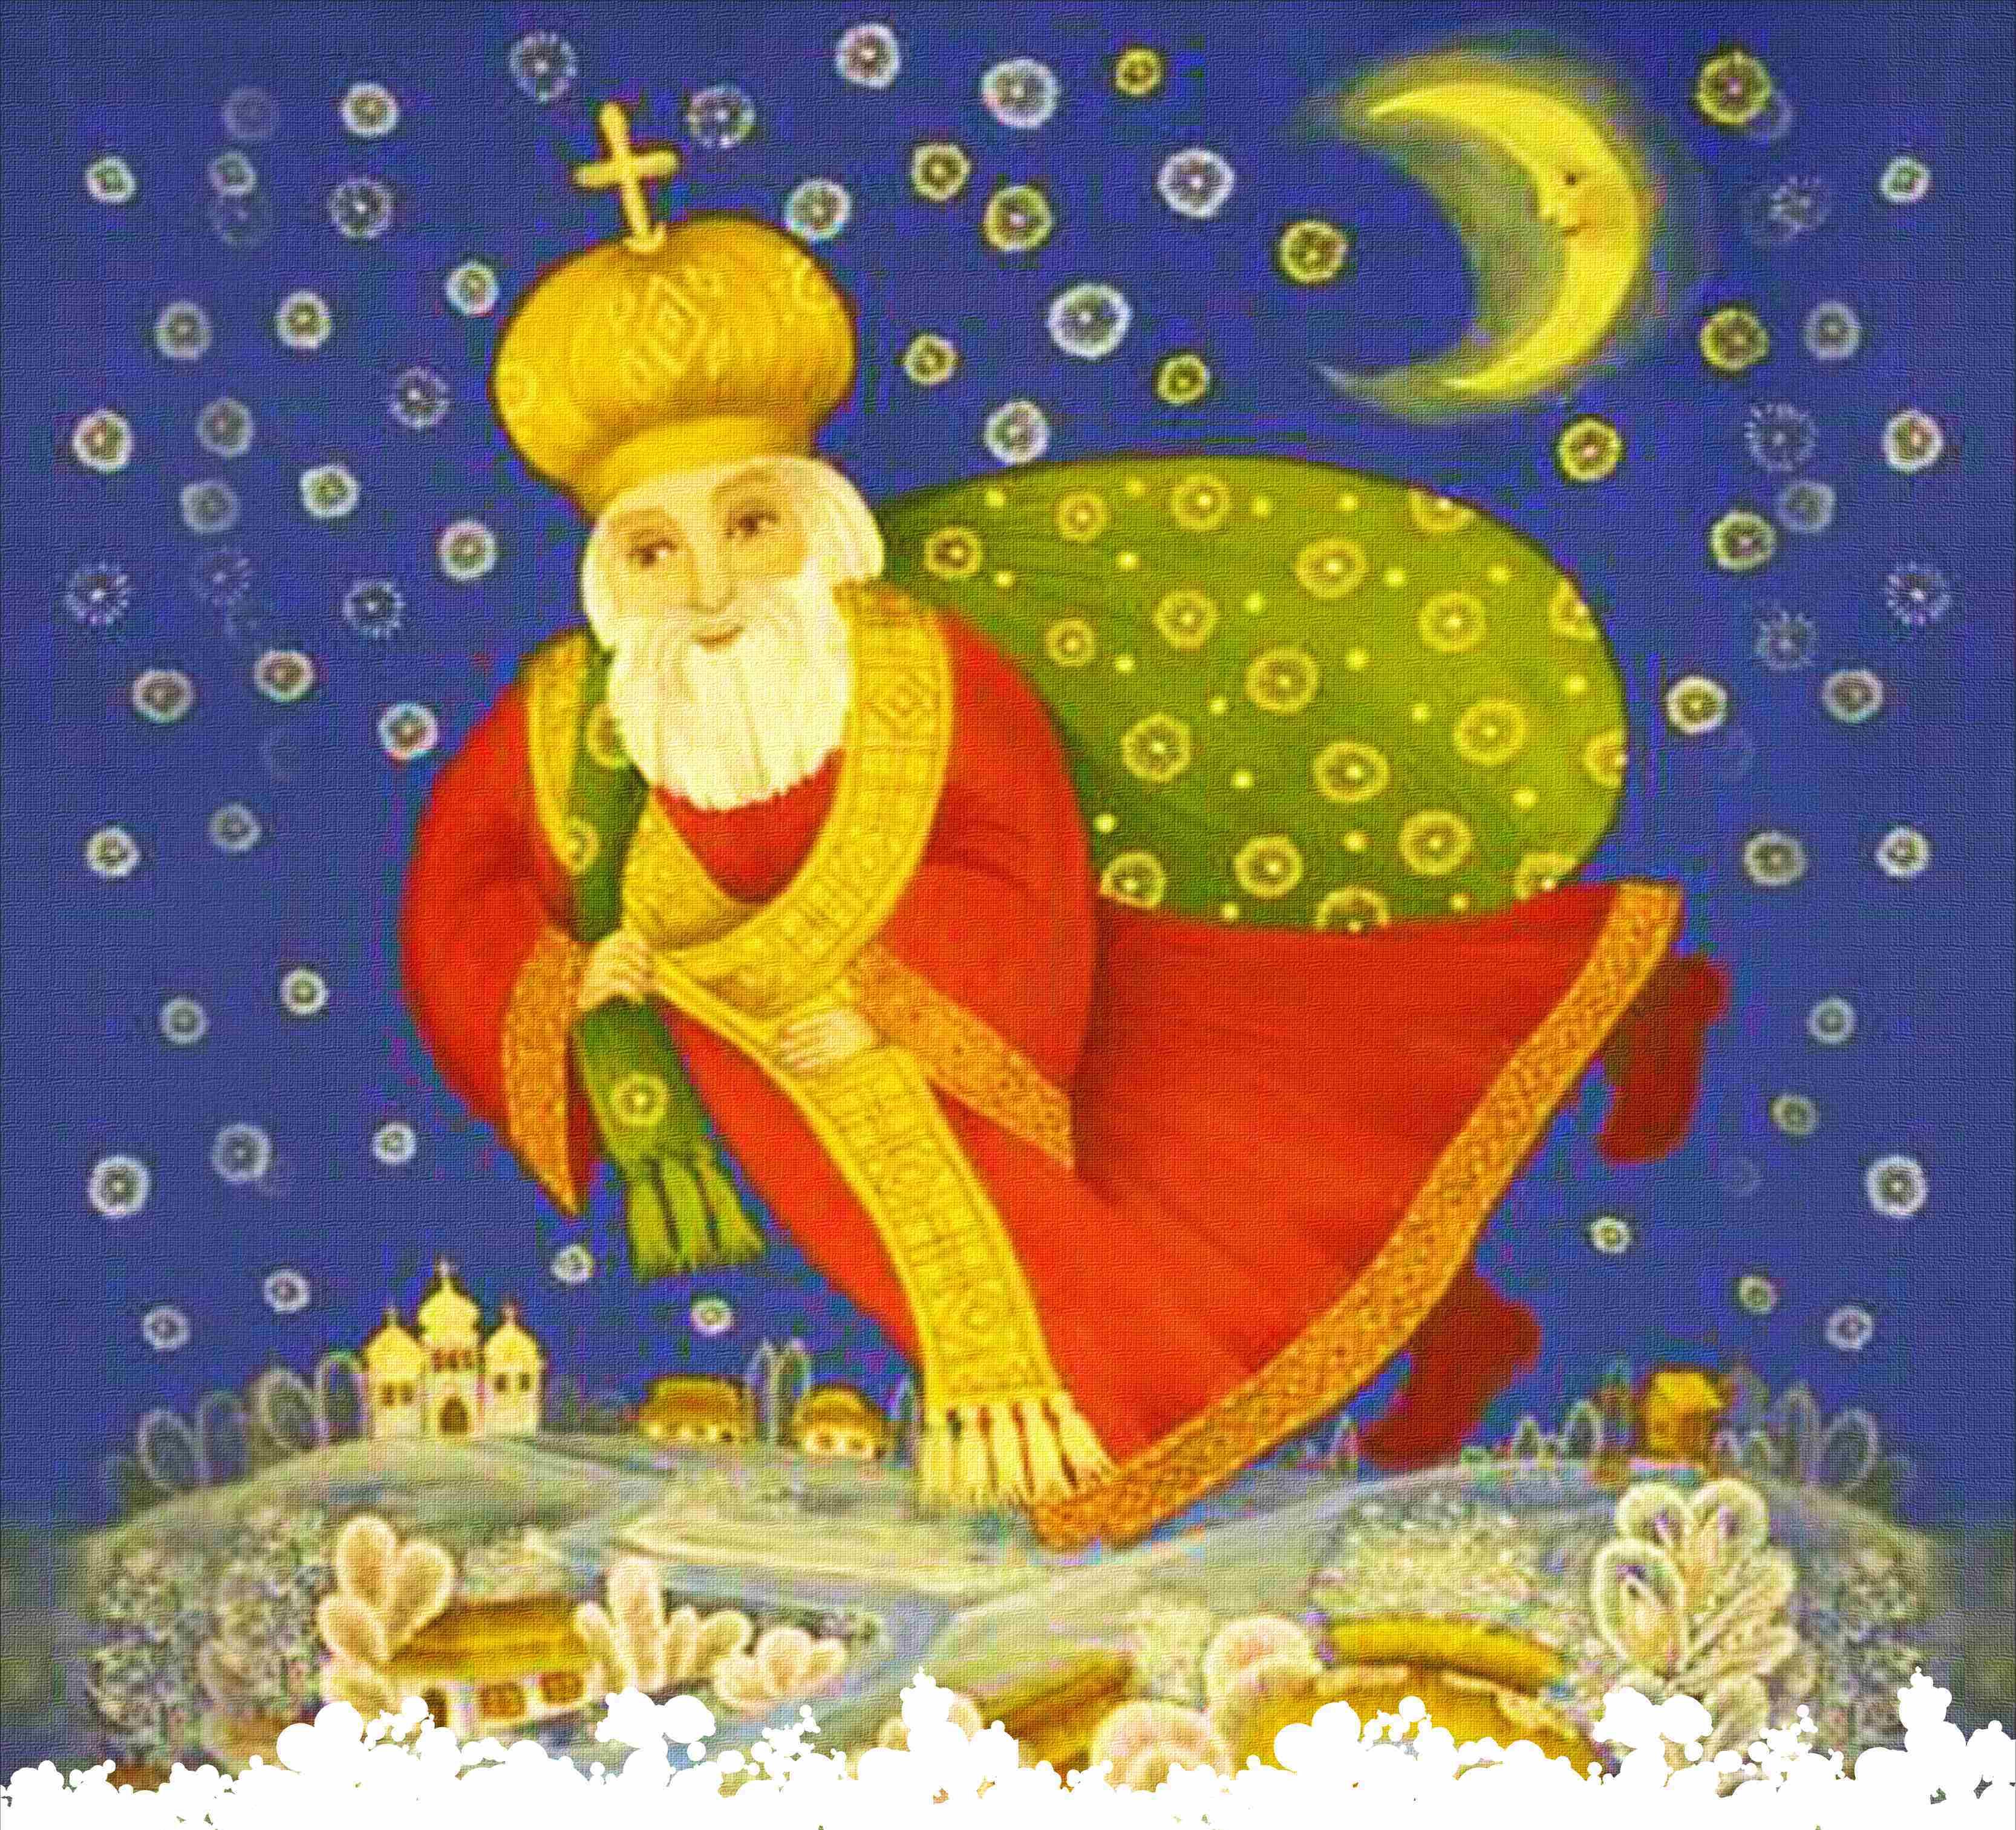 народной медицине открытки ко дню святого николая рисунок древних времен